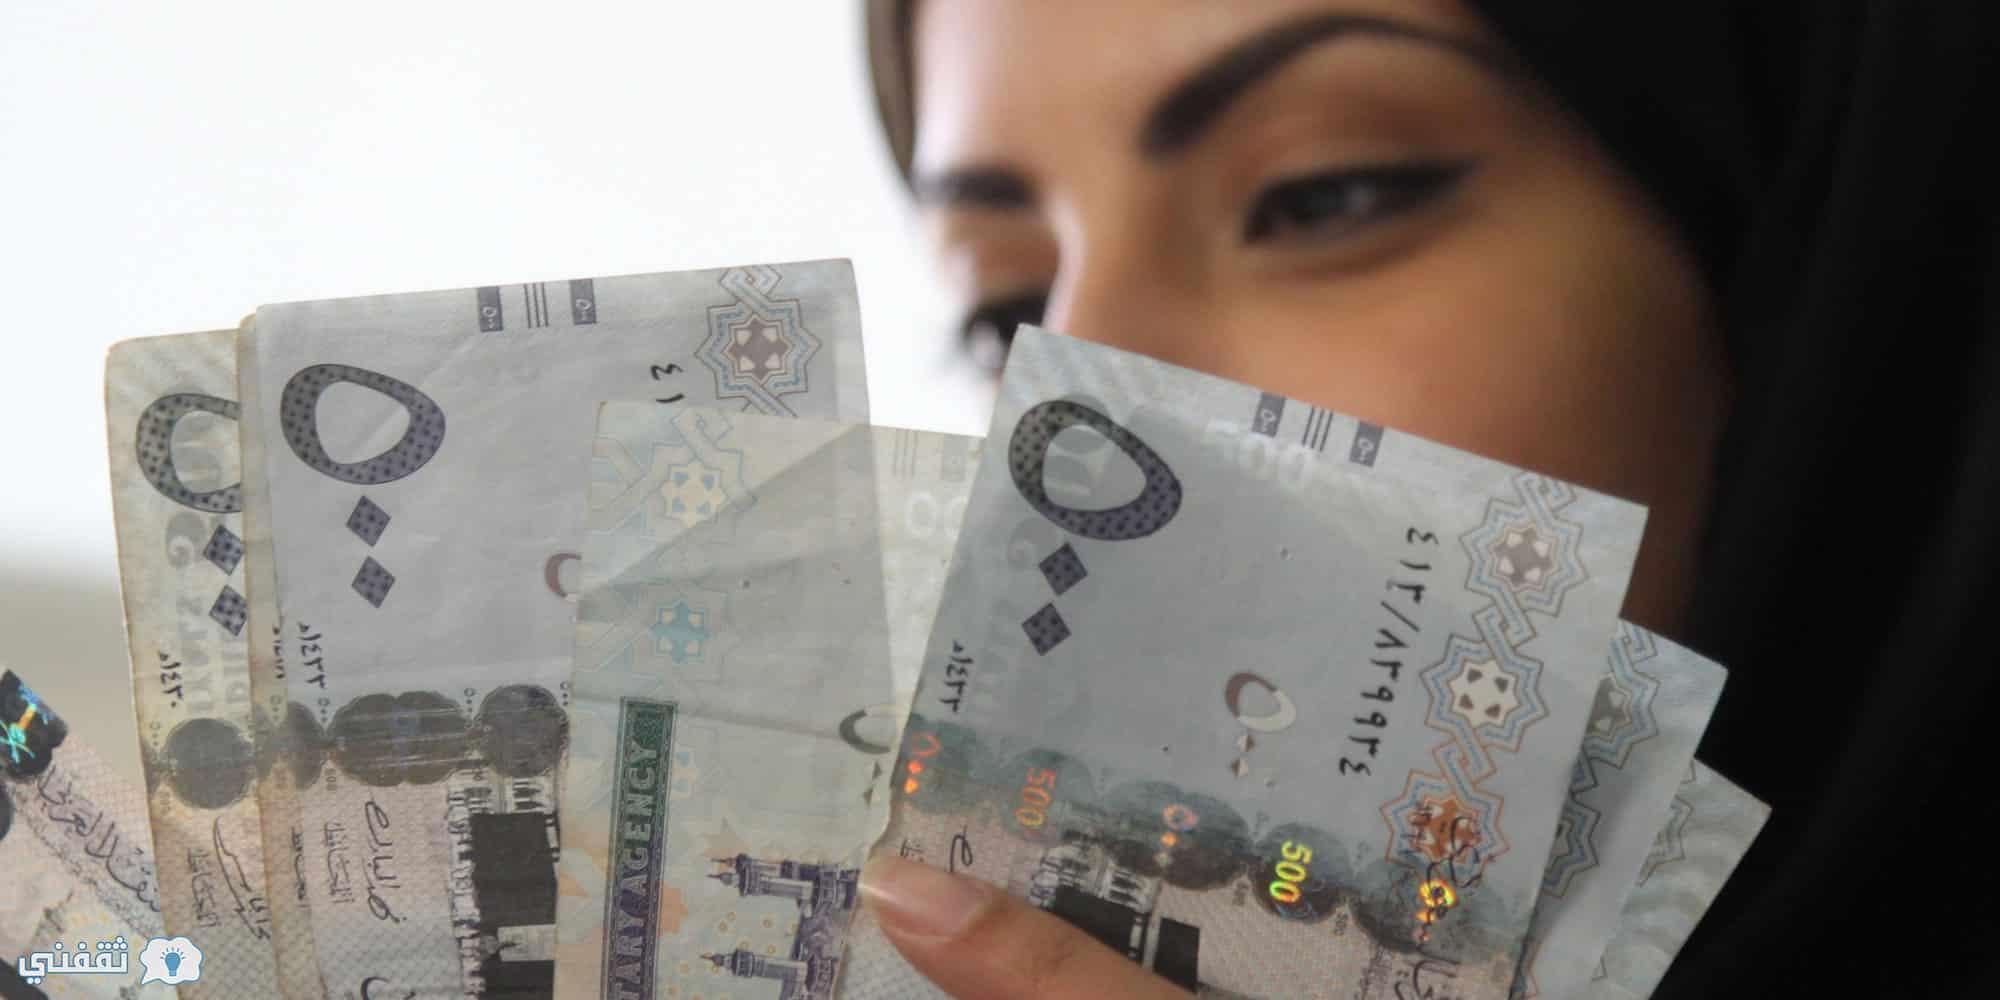 مواعيد صرف الرواتب لعام 1439 وفق التقويم الميلادي لموظفي الدولة في السعودية